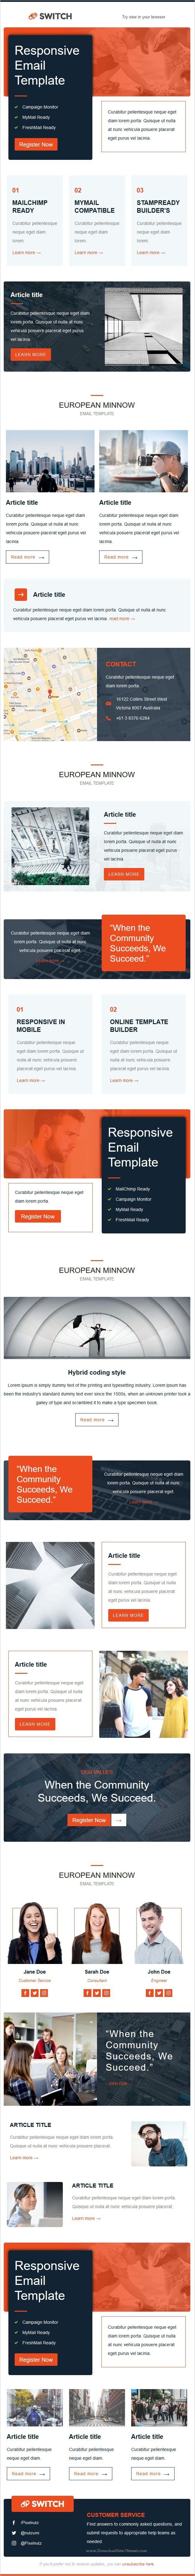 Ungewöhnlich Www.campaignmonitor.com Vorlagen Fotos - Entry Level ...